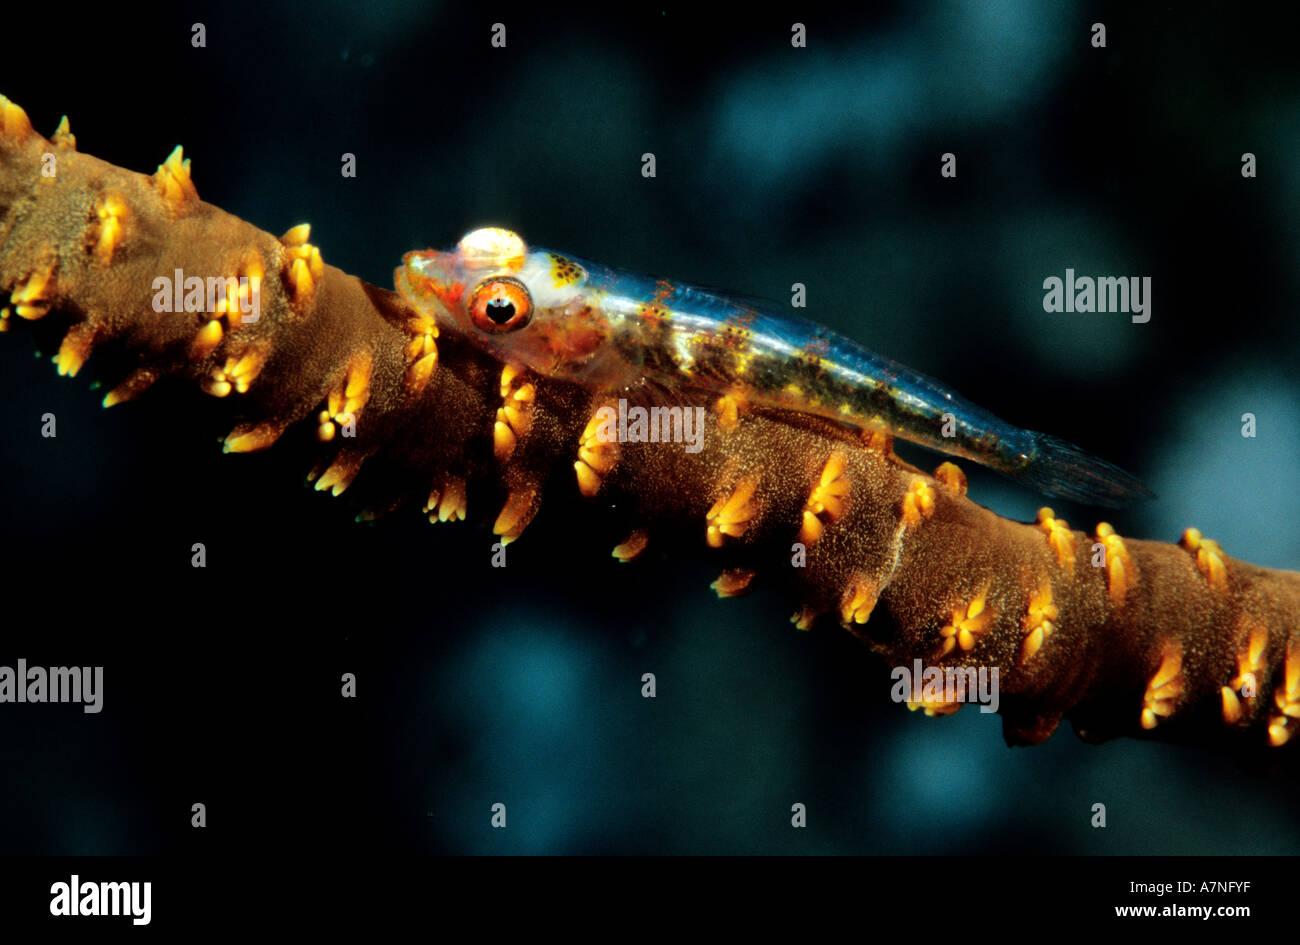 Egipto, el Mar Rojo, un gobio de 2 cm de largo, con manchas marrones similares a los pólipos de coral el látigo donde está sentando Imagen De Stock